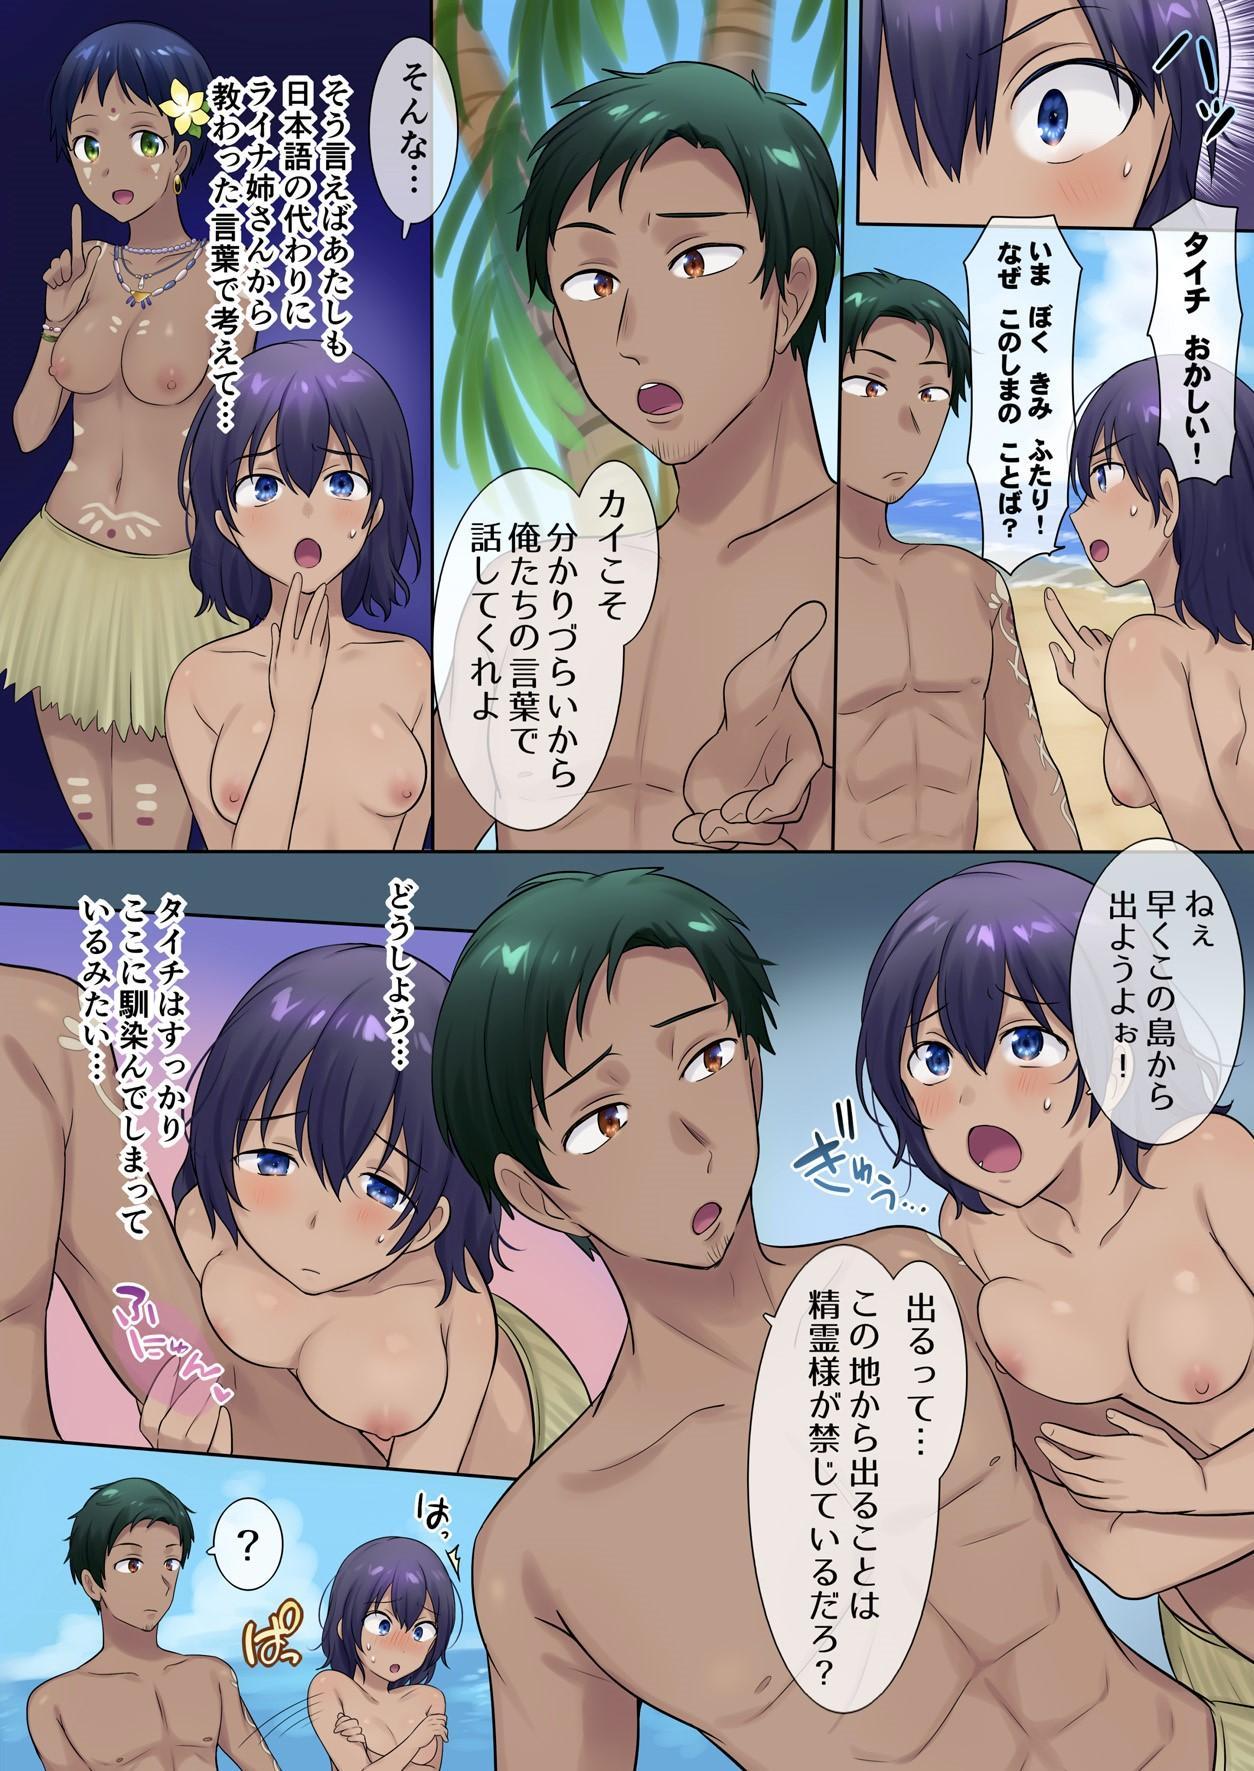 Mikai no Kotou de Buzoku no Ichiin♀ ni natte Shinyuu no Yome ni natta Ohanashi 9